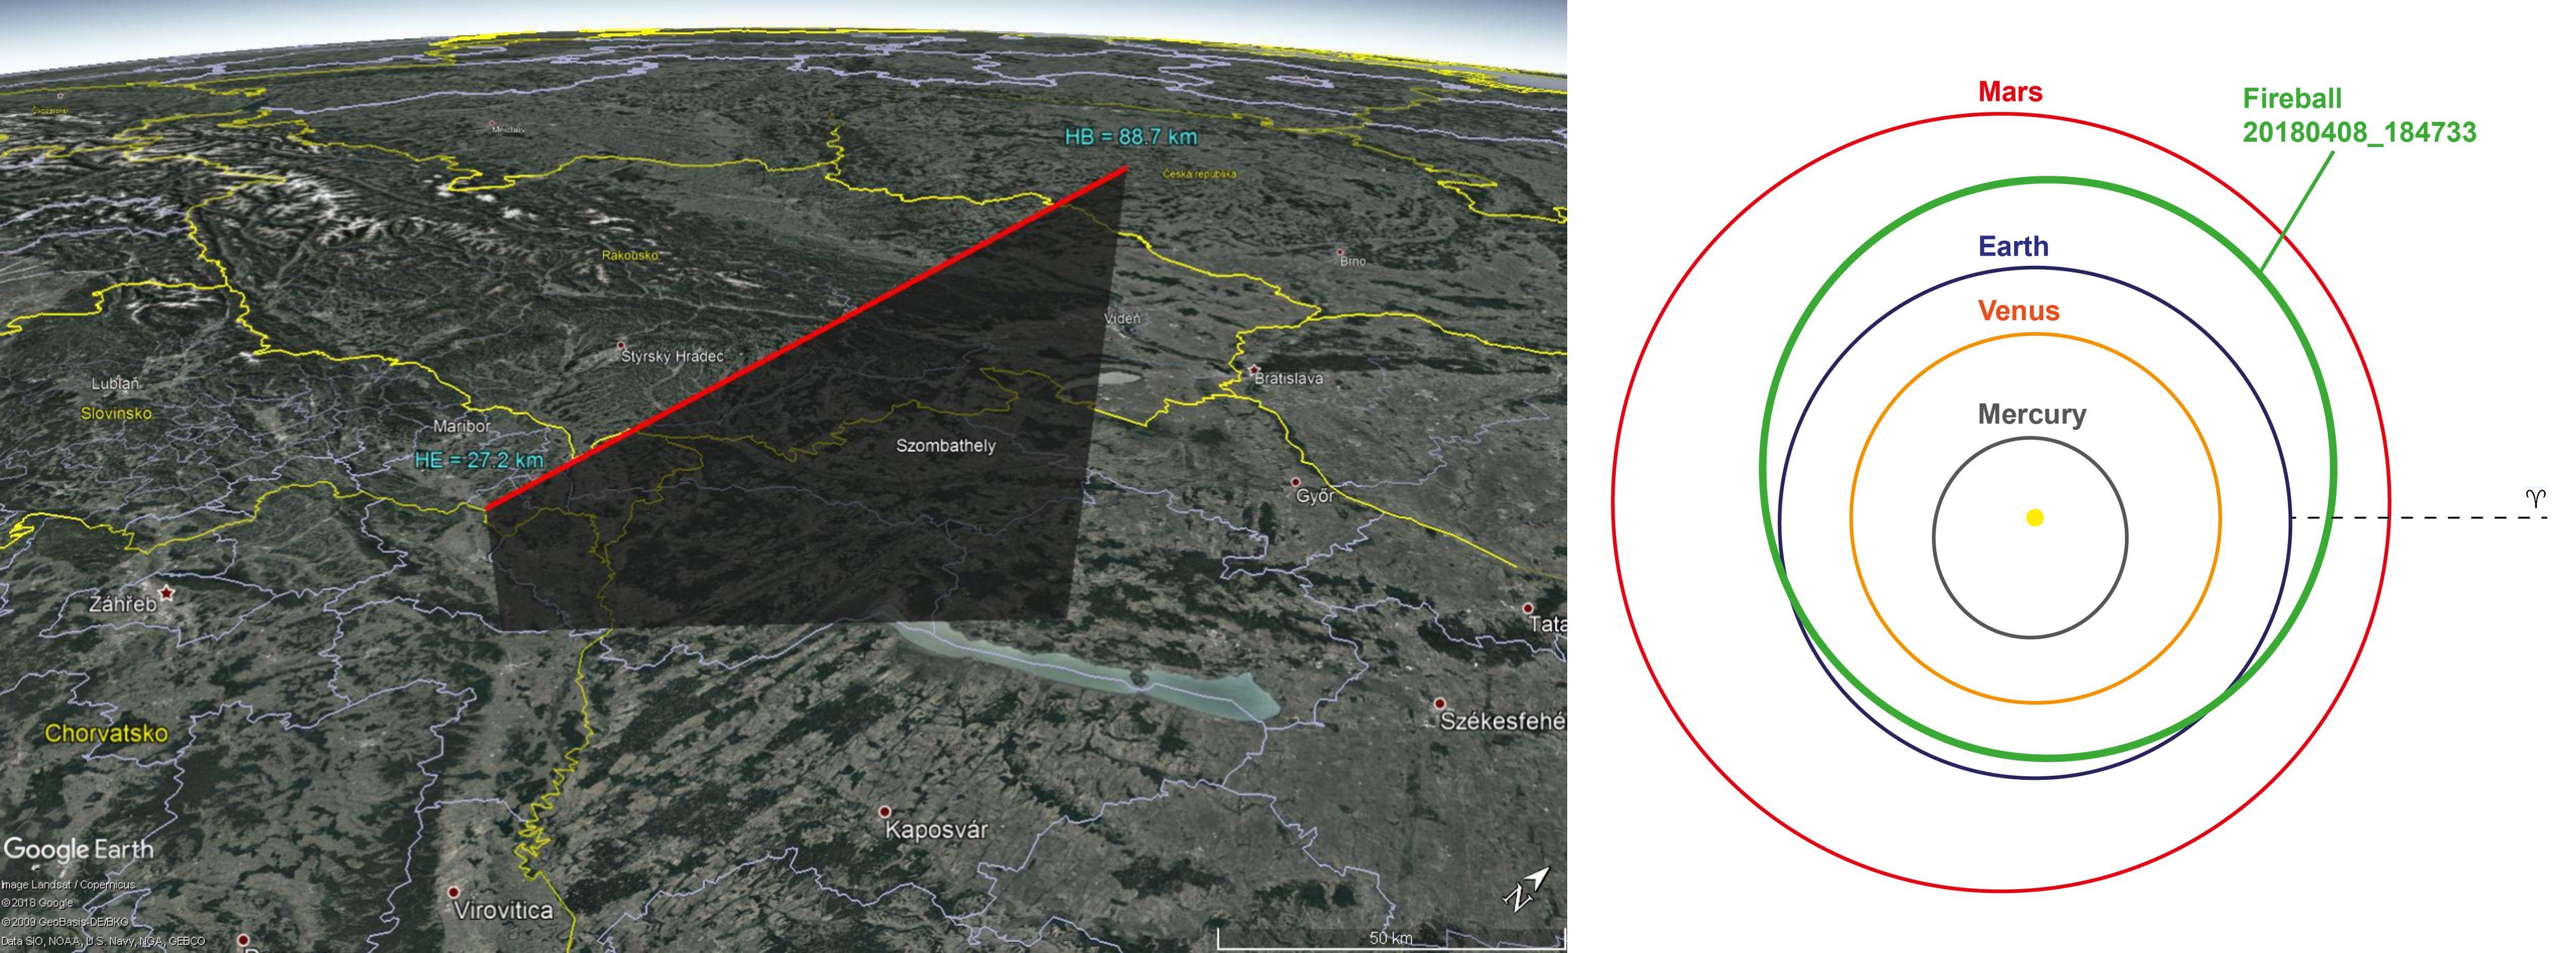 Obrázek 5: 3D projekce (vlevo) atmosférické dráhy bolidu 20180408_184733 na povrch Země (zdroj mapového podkladu: Google Earth, Google Inc.) a projekce dráhy bolidu ve Sluneční soustavě (vpravo), včetně vlivu decelerace (polární systém souřadnic). Autor: Jakub Koukal